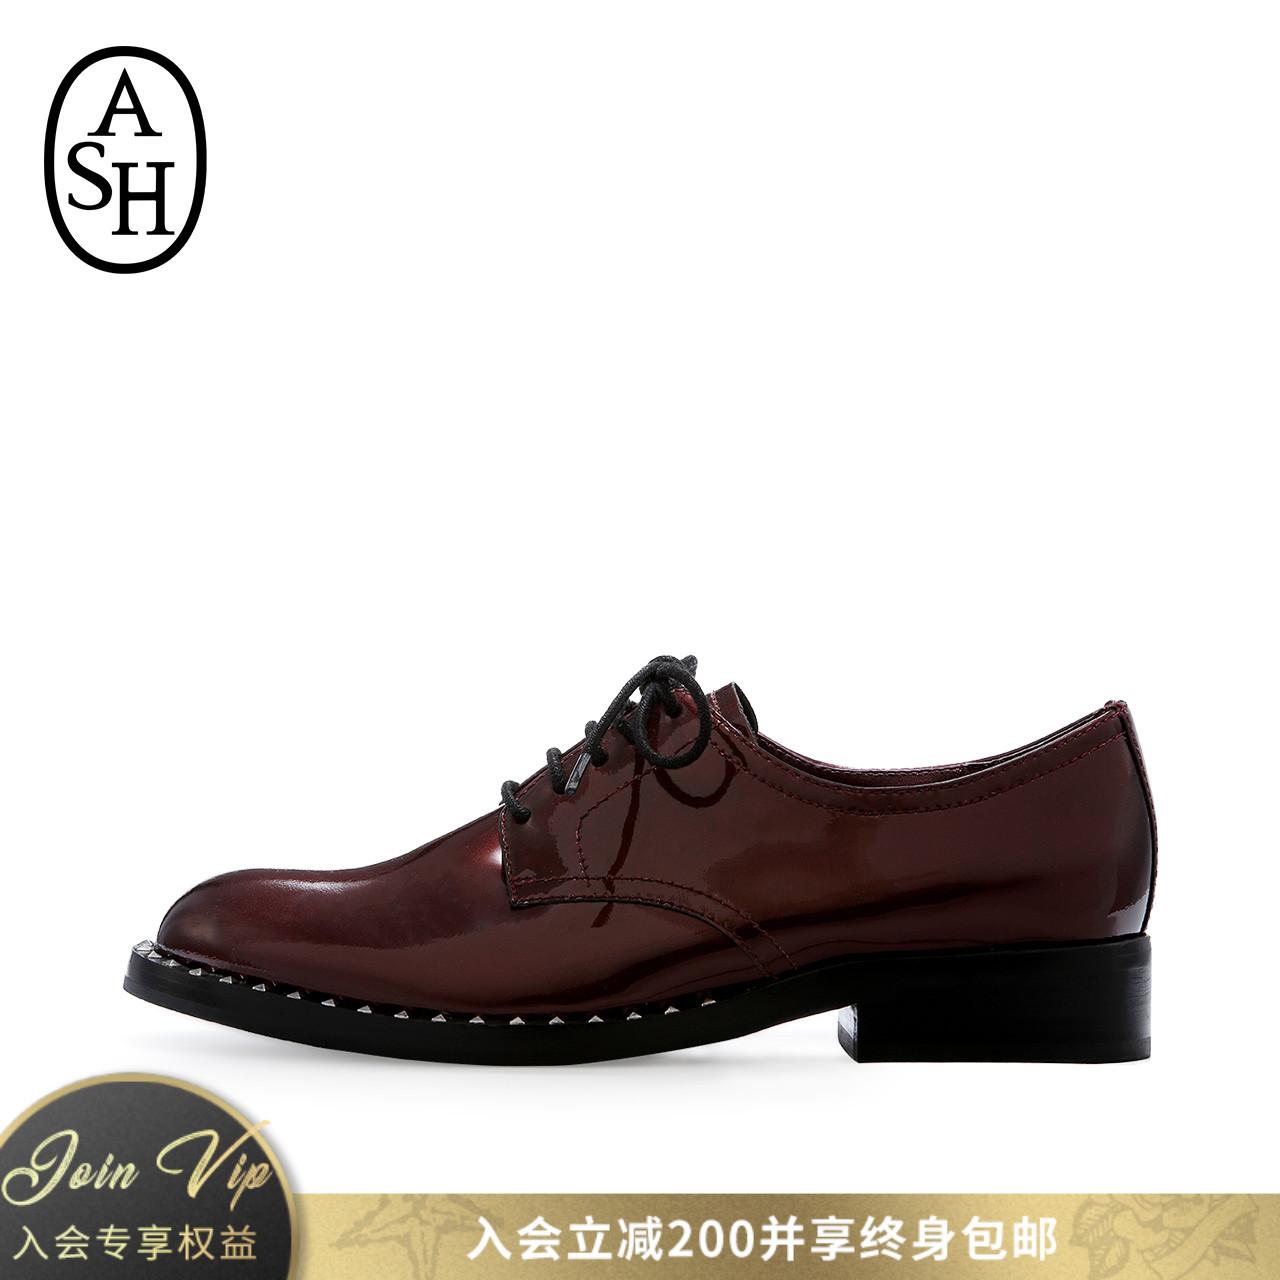 ASH正装鞋早秋新款WILCO珠光漆皮复古休闲鞋铆钉拼接单鞋